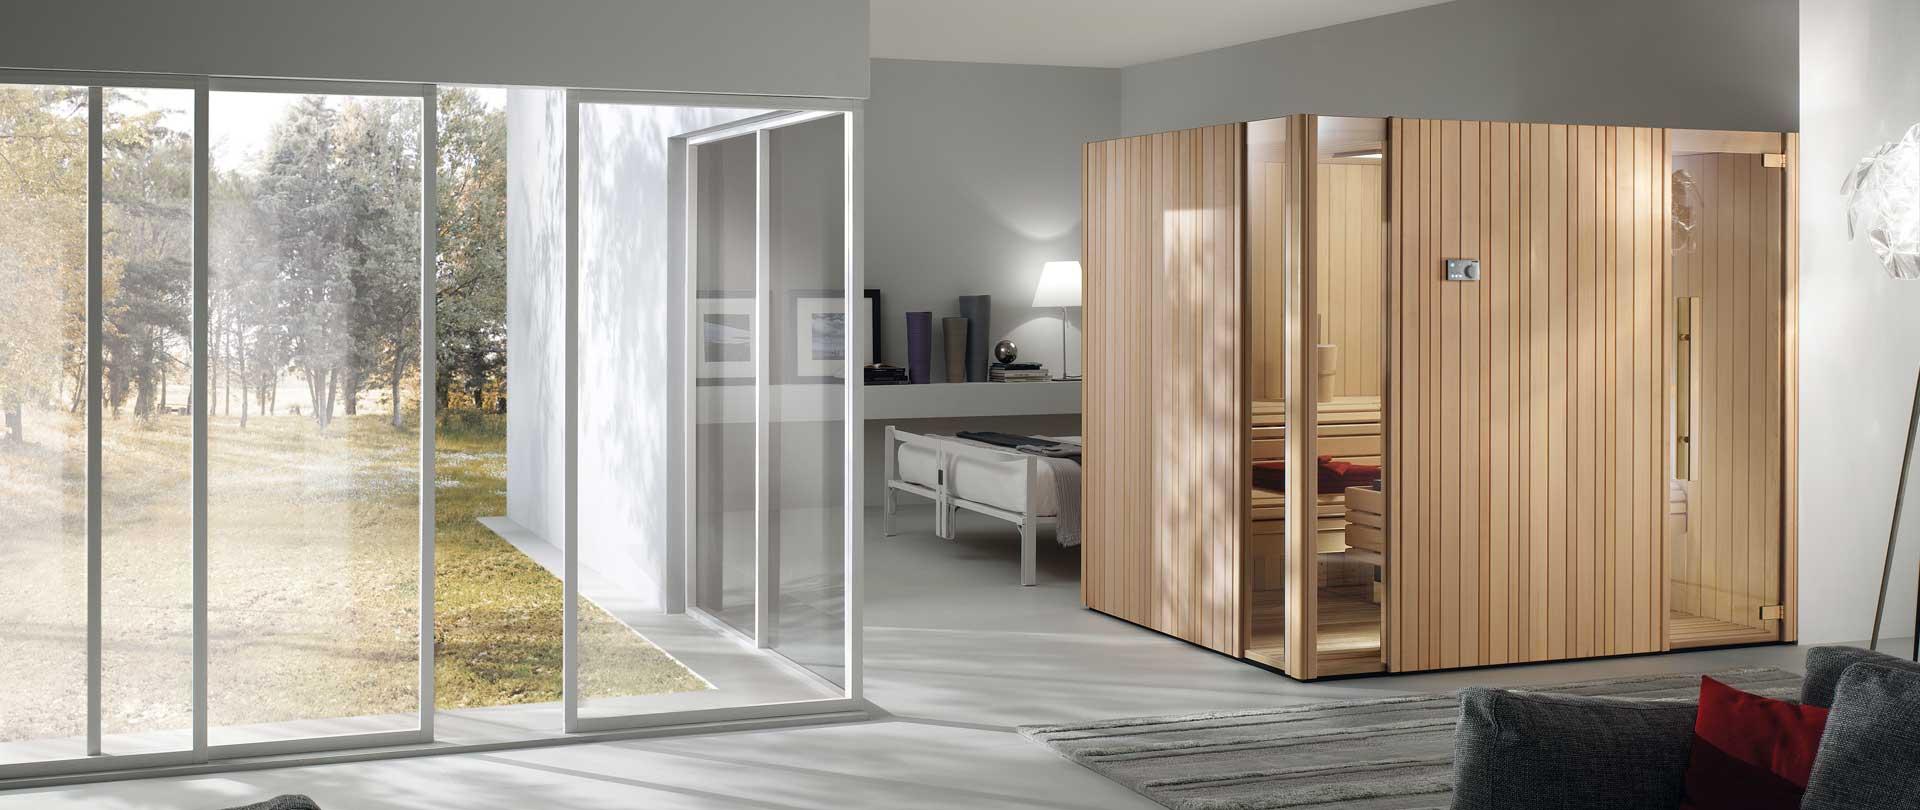 Sauna-interieur-bois-Auki-Annecy-Haute-Savoie1